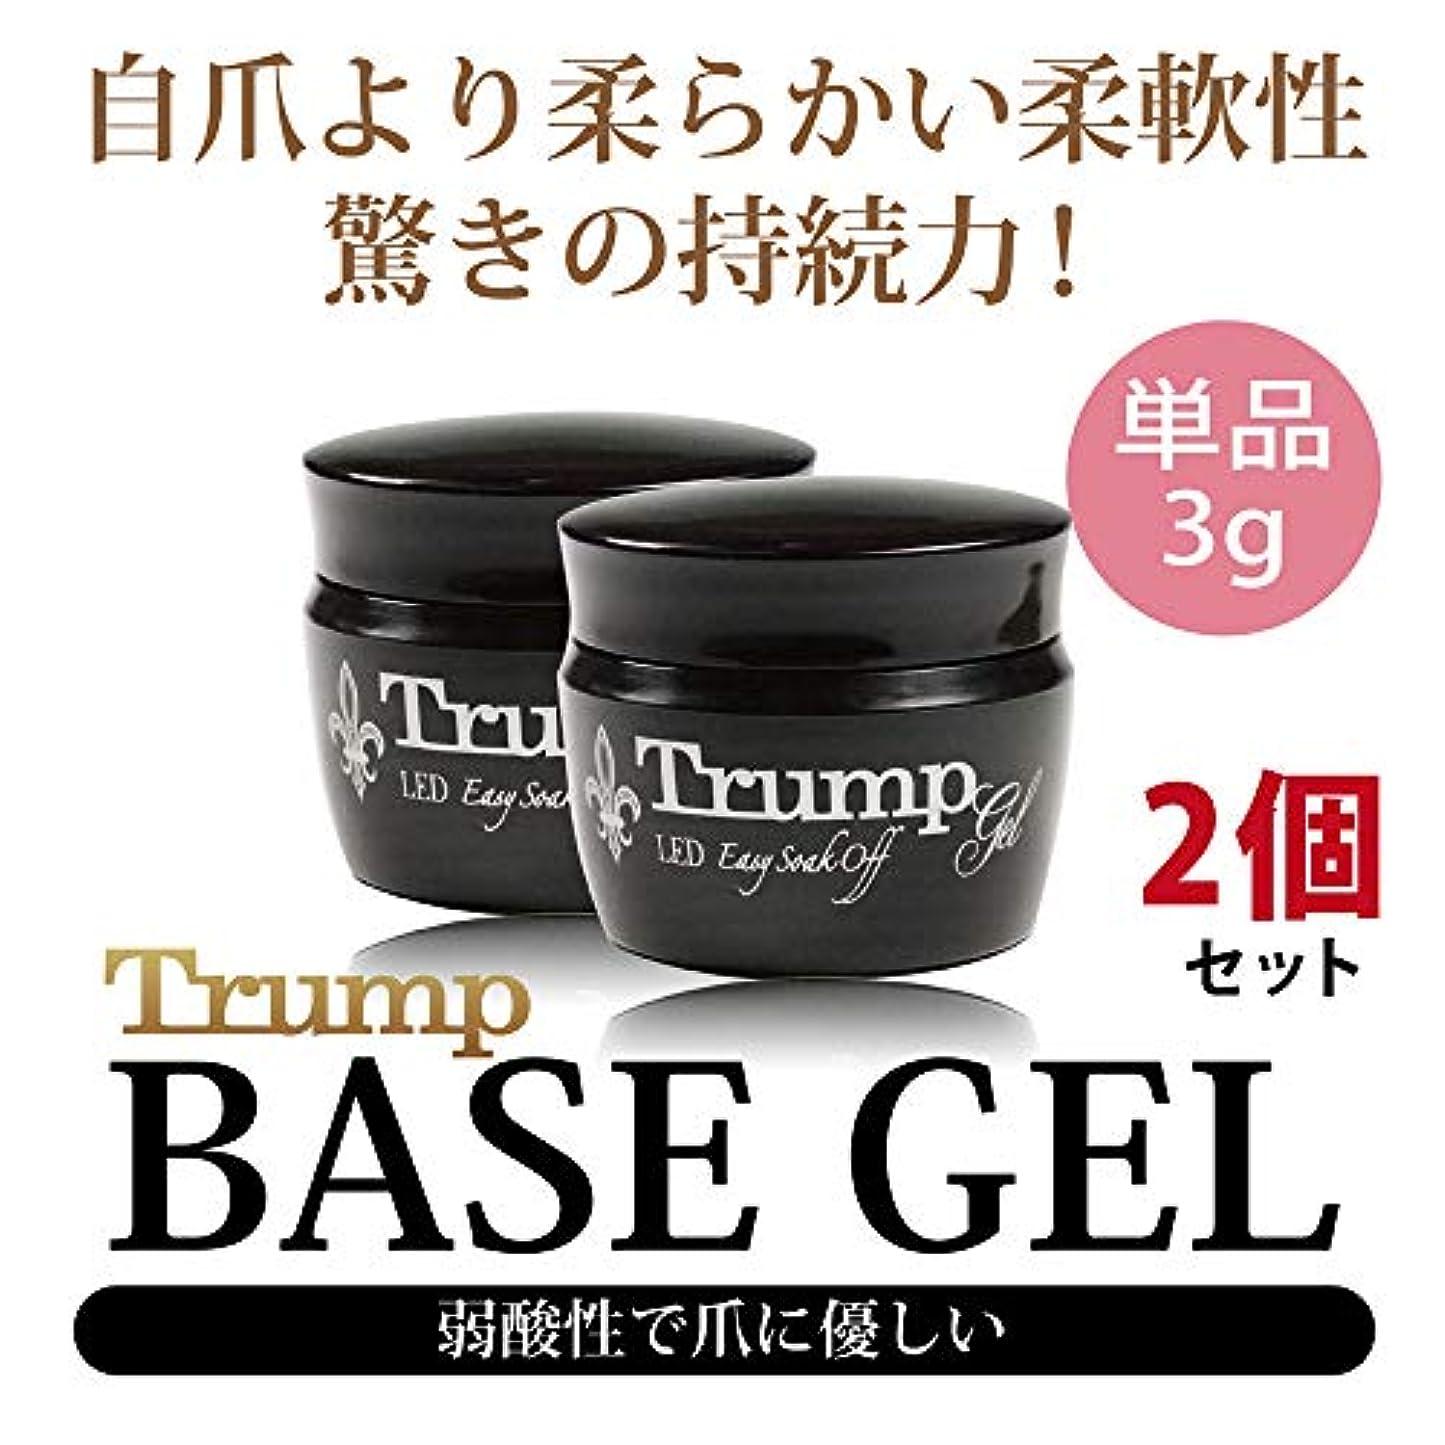 エキサイティング送る不完全Trump gel ベースジェル 3g 2個セット